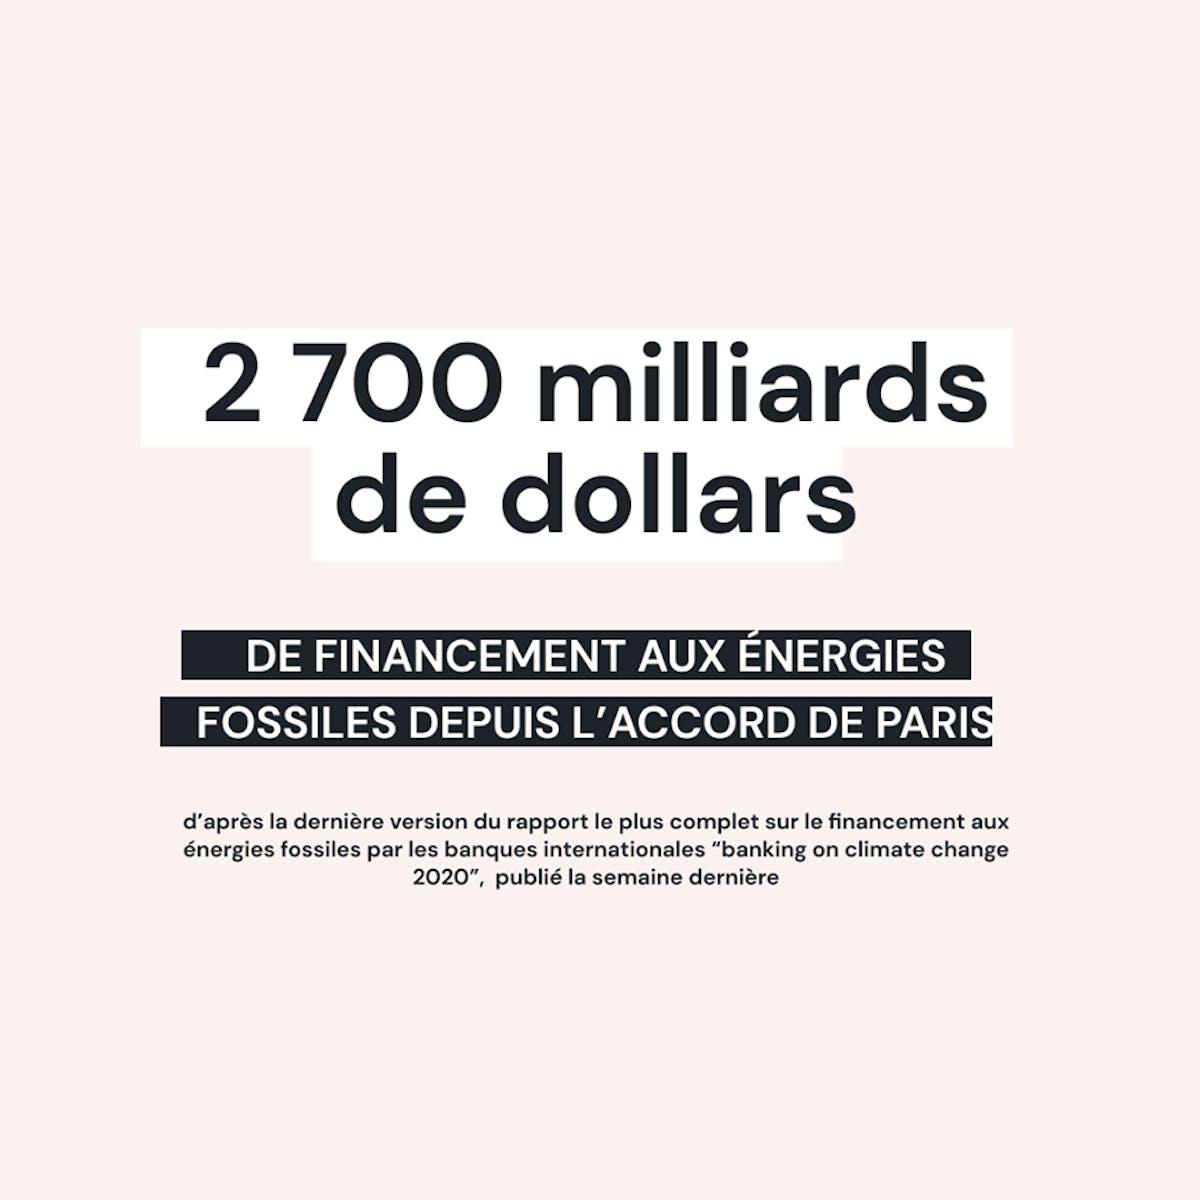 2700 milliards de dollars de financement aux énergies fossiles depuis l'accord de Paris